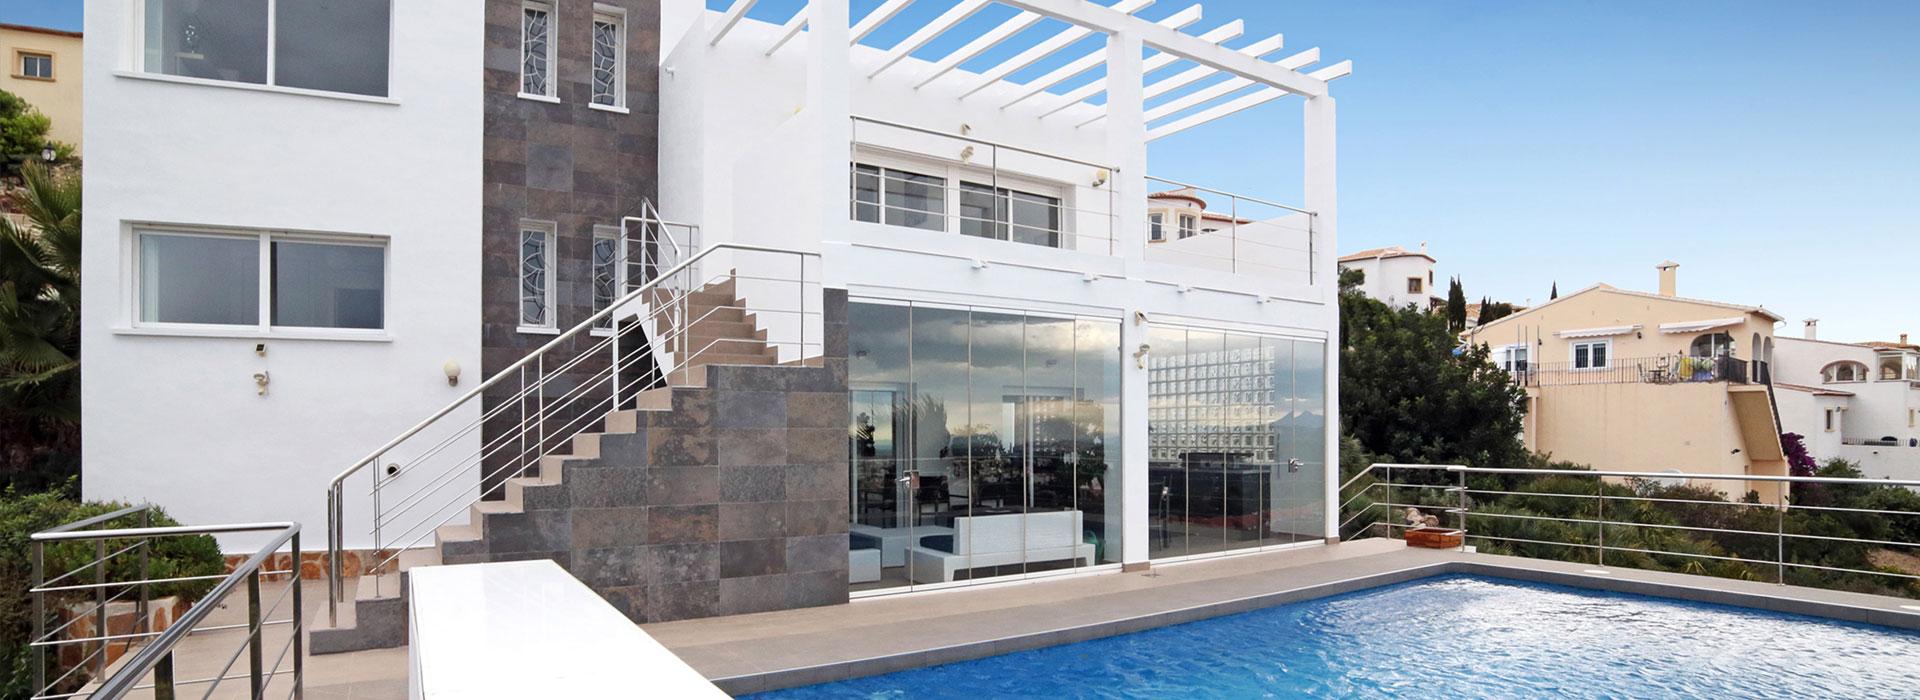 acb.immo - Magnifique villa contemporaine avec vues panoramiques sur mer et montagnes à Rafol d'Almunia, Denia